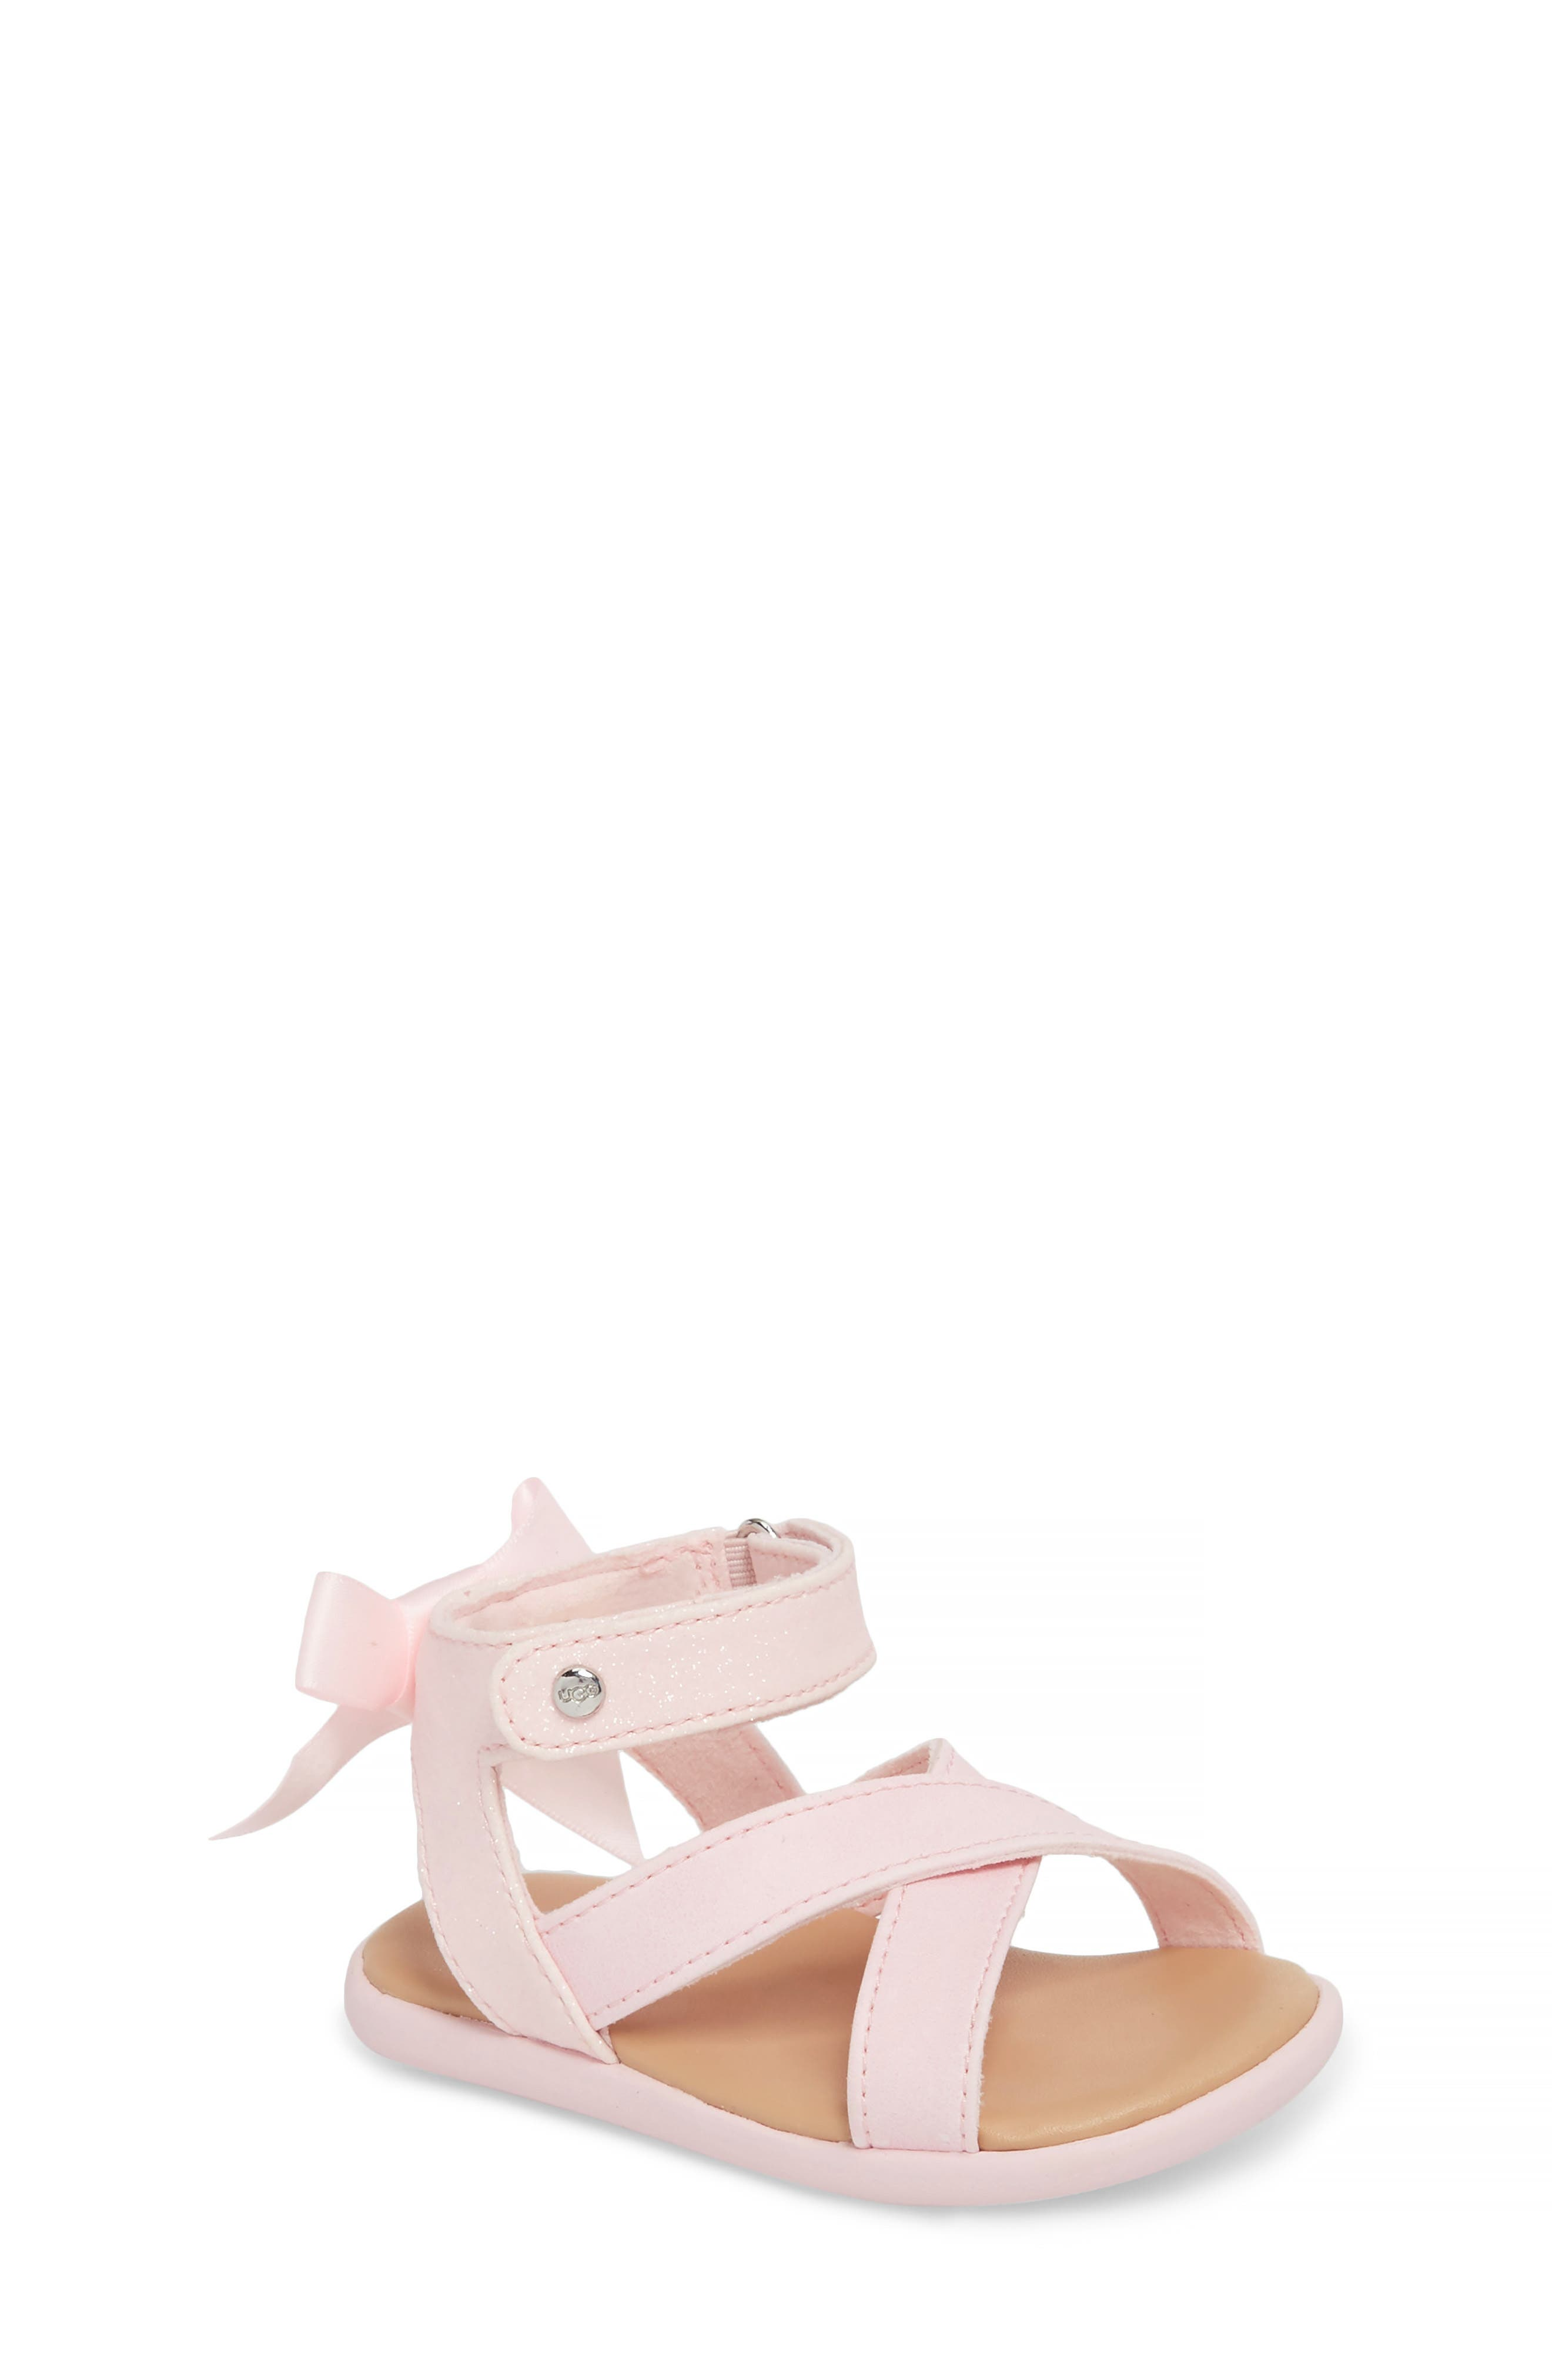 Alternate Image 1 Selected - UGG® Maggiepie Sparkles Sandal (Baby & Walker)